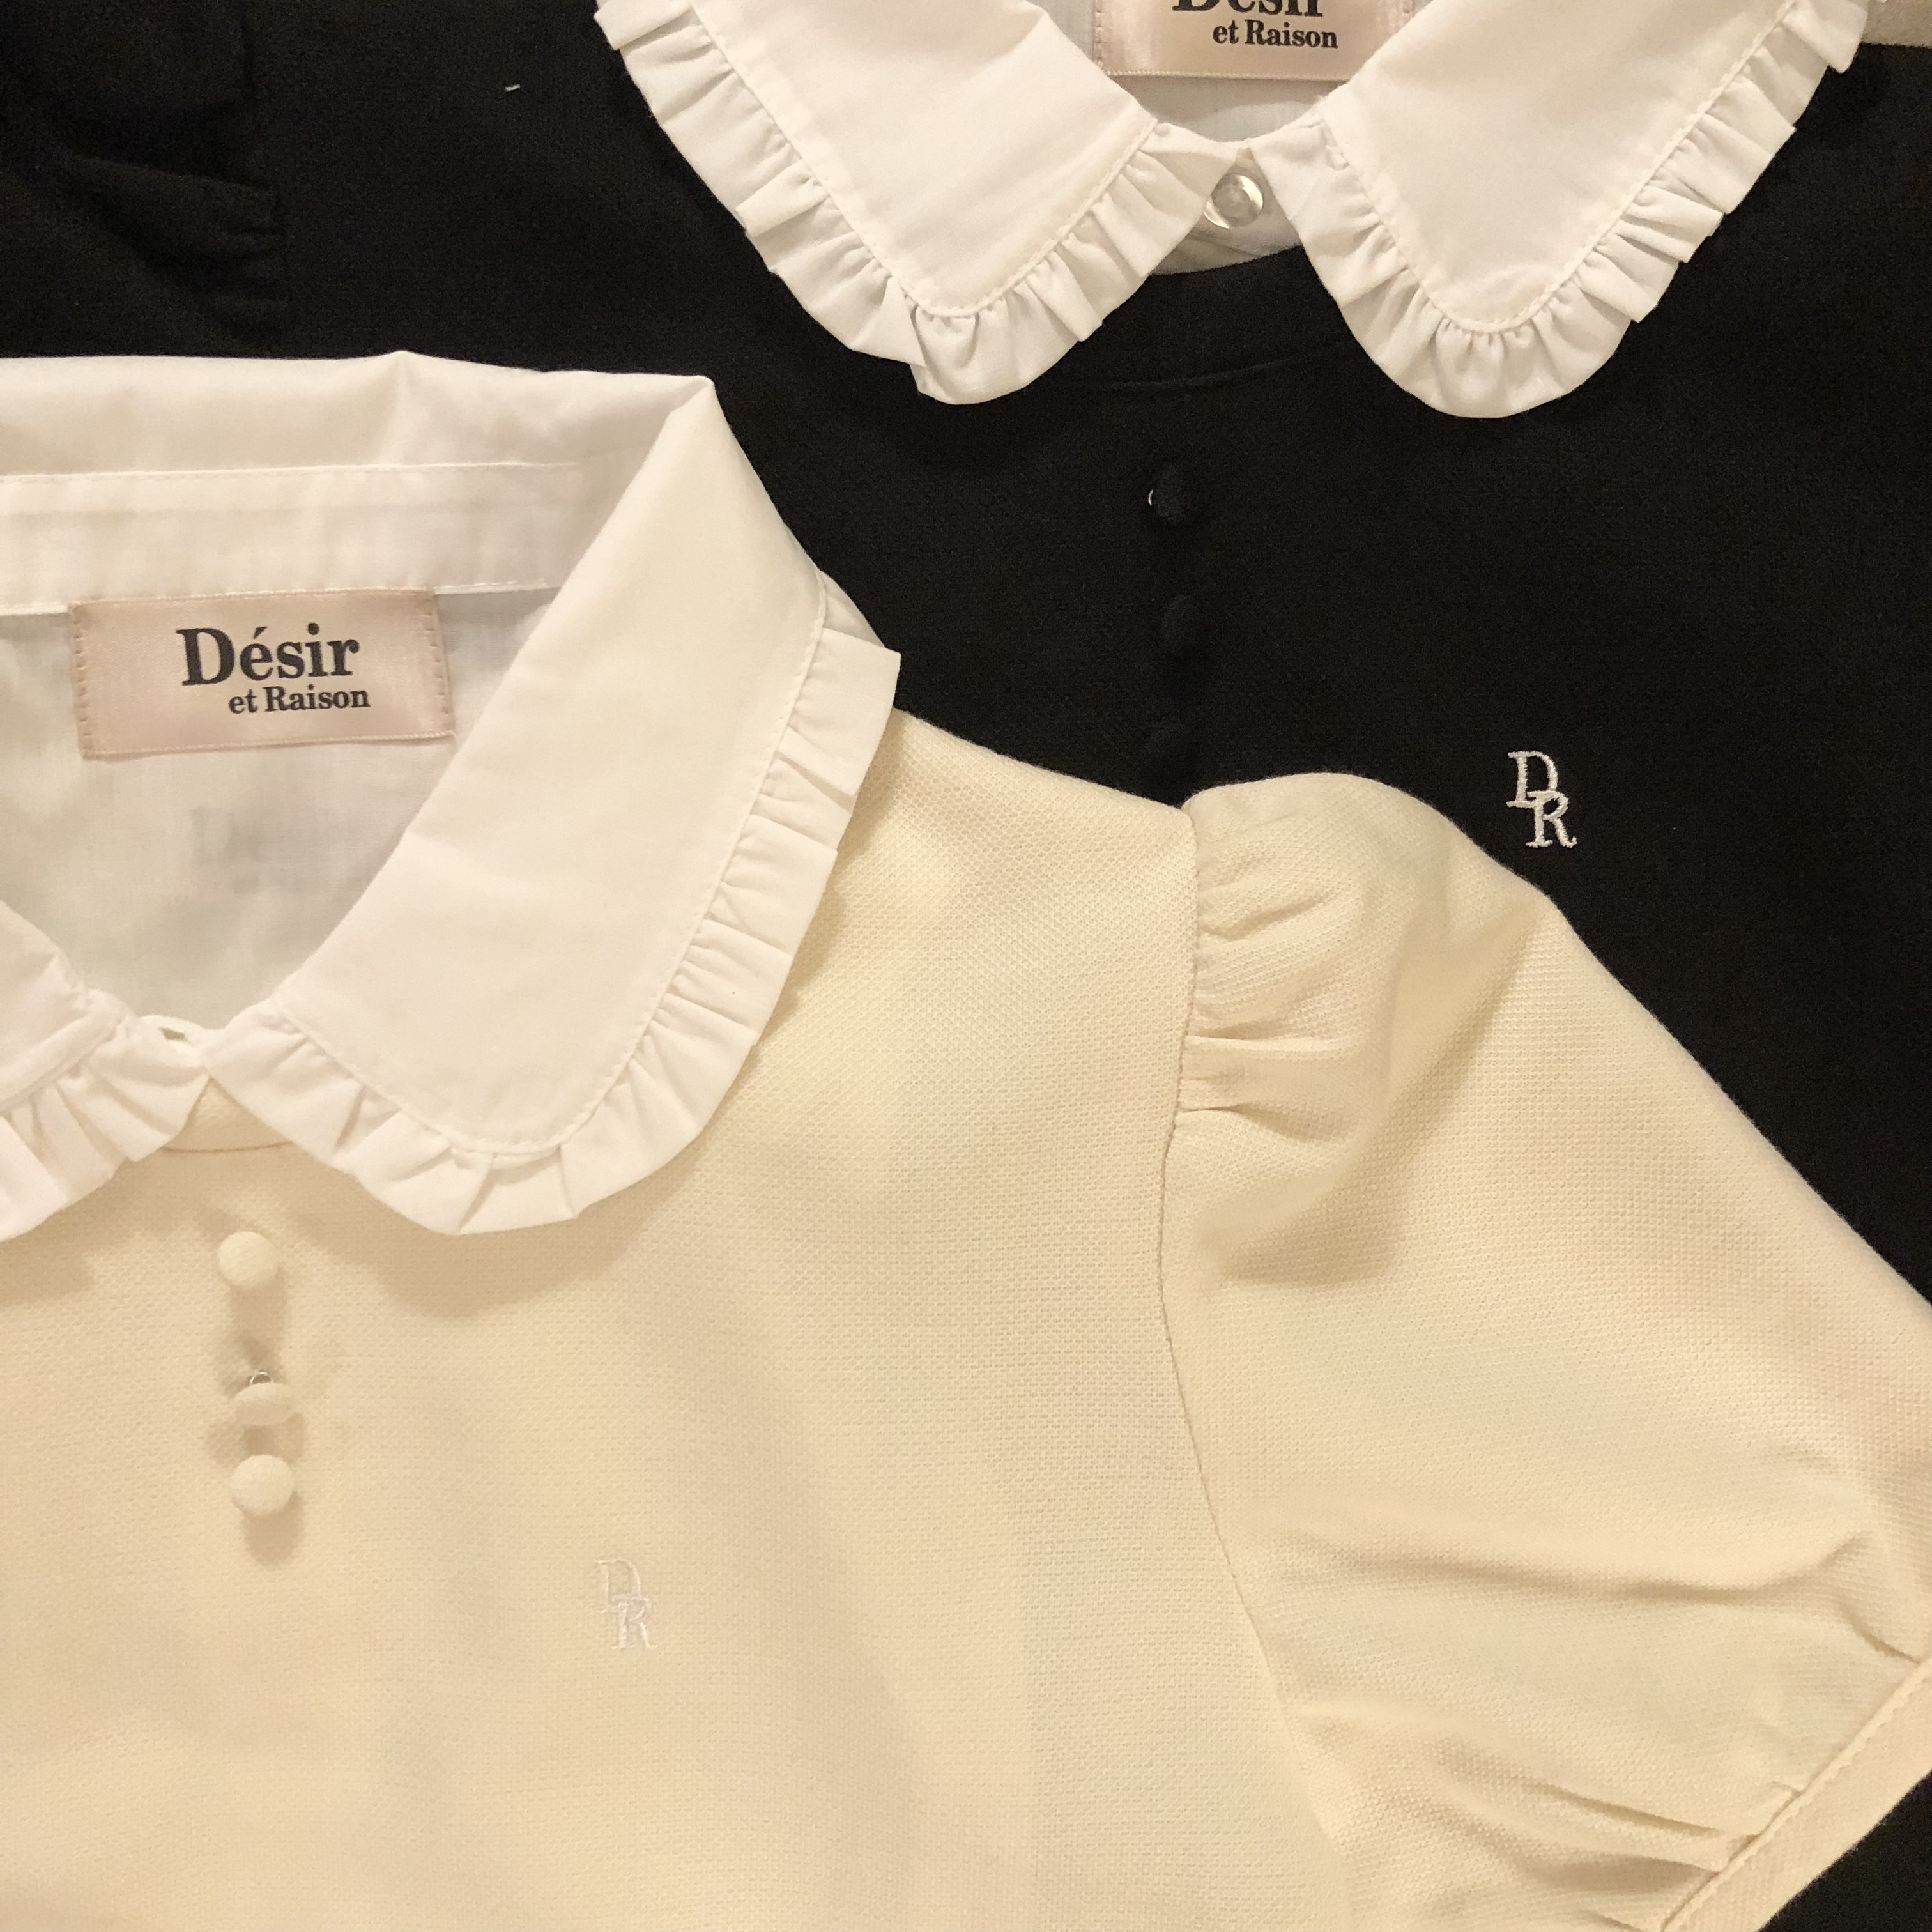 7/23【NEW】Désir original   2way logo puff tops